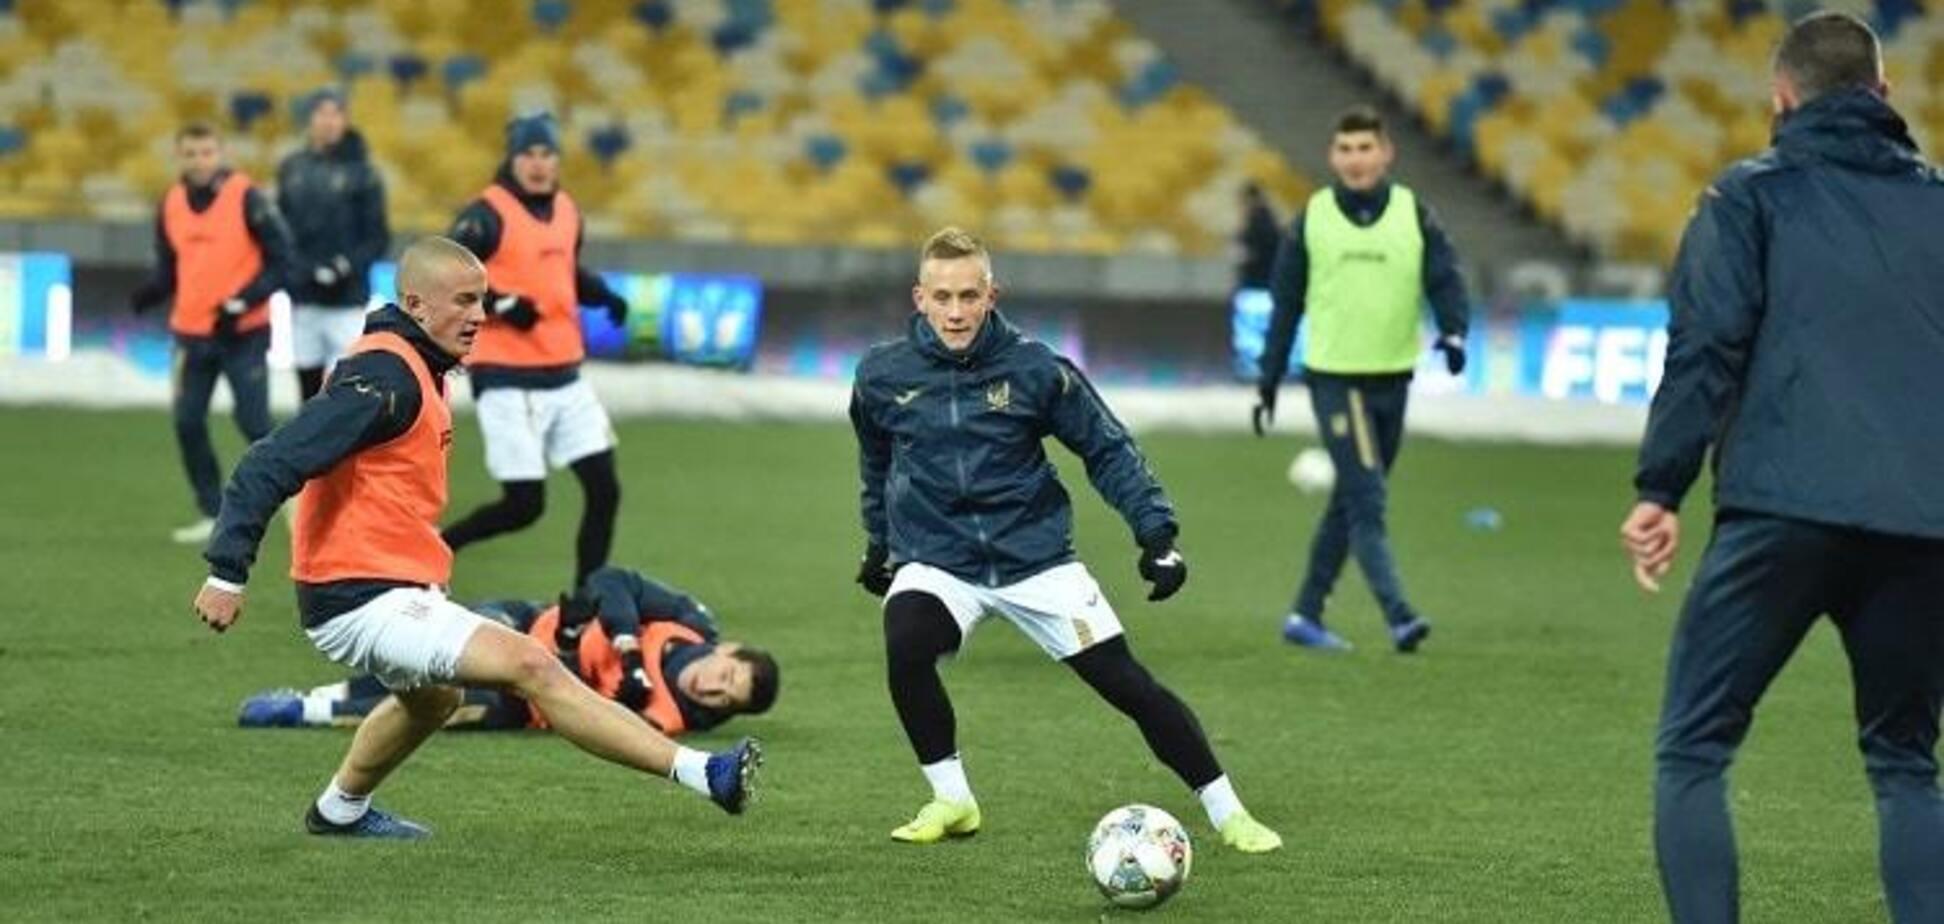 У легионера сборной Украины возникли проблемы в команде